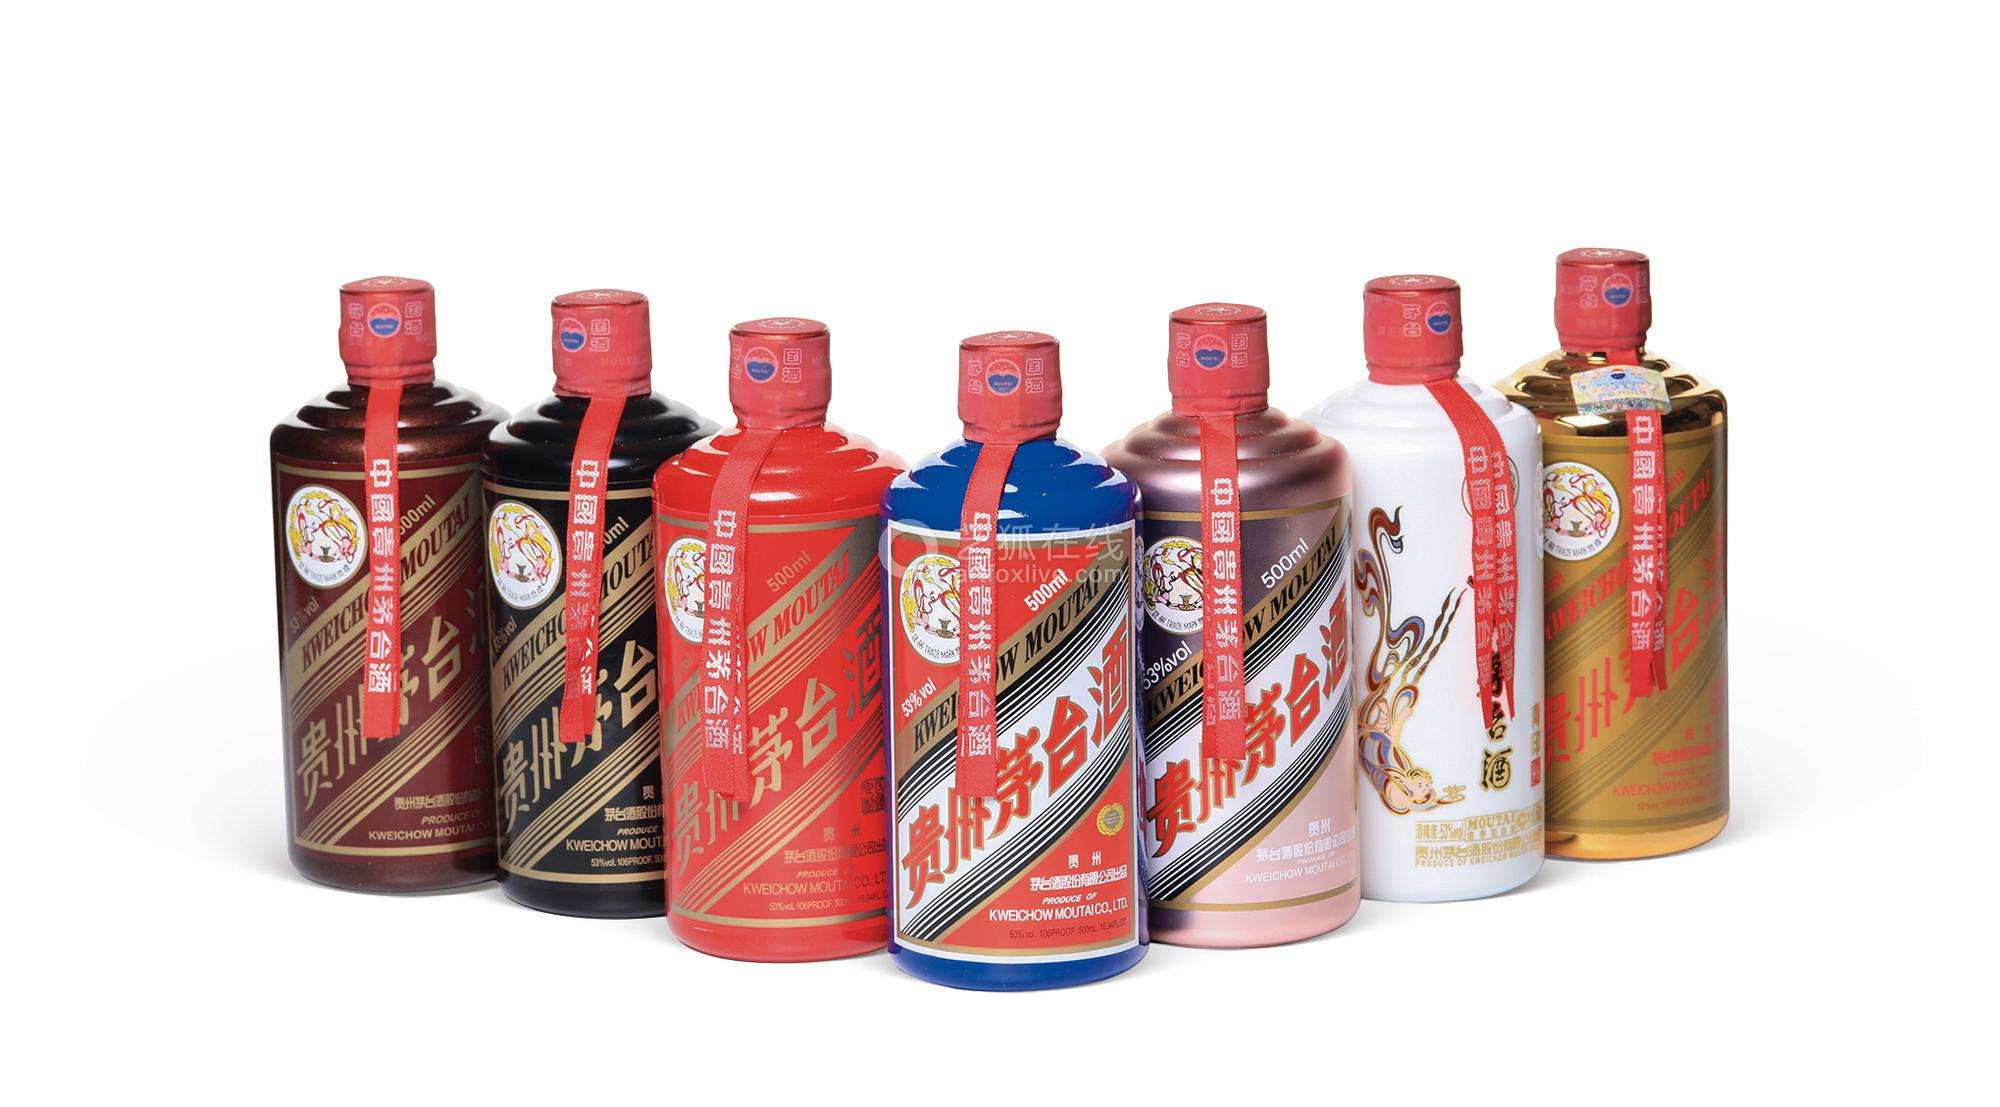 【上门回收】2004年的53度(茅台酒回收)价格收购价格一览表查询